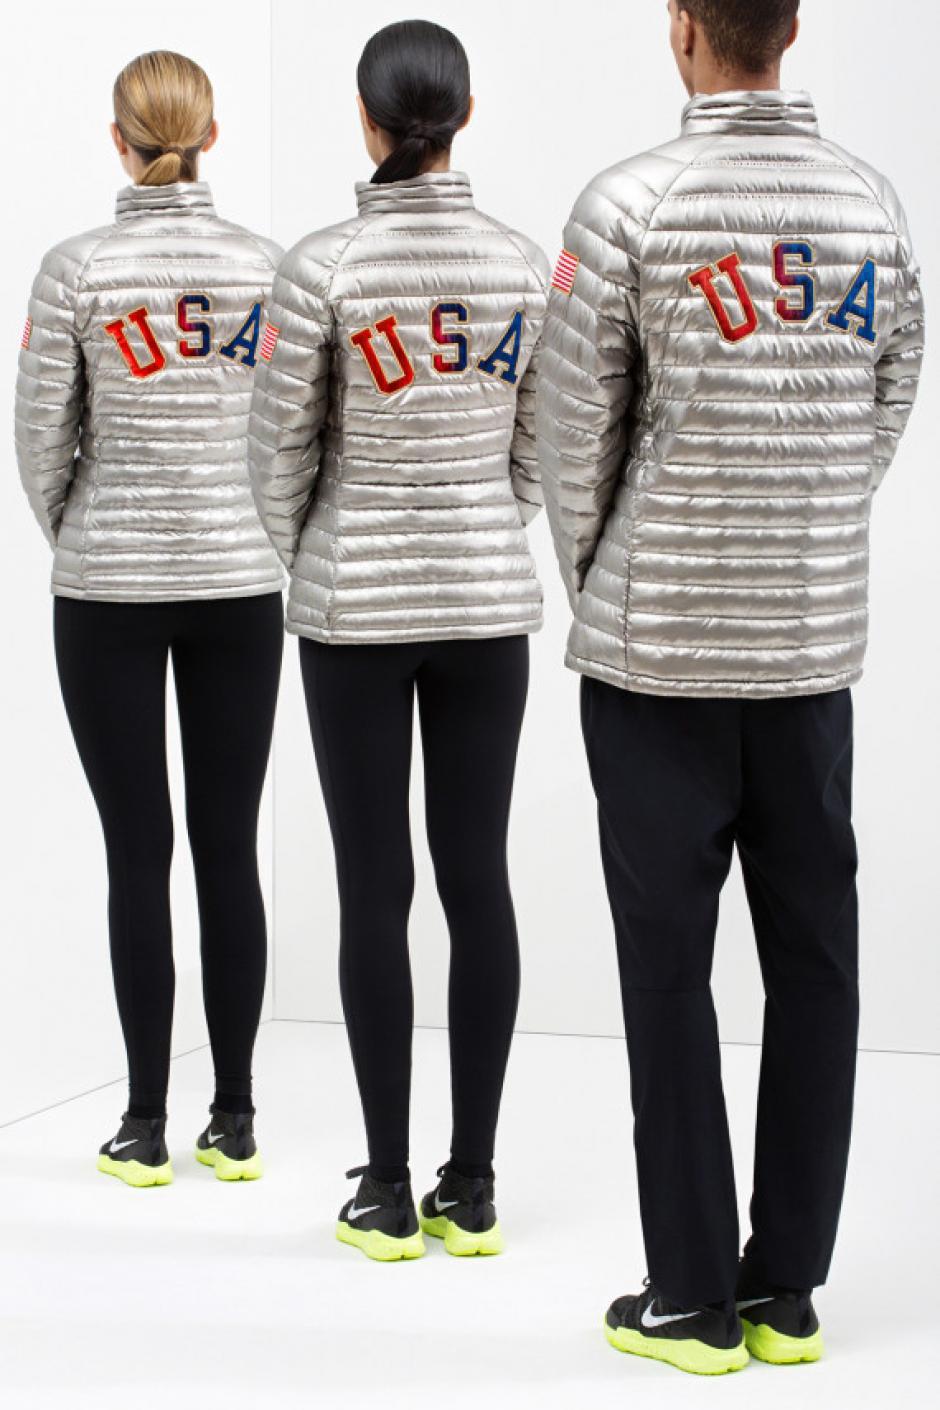 El equipo que competirá en la modalidad de ski lucirá un diseño de la marca Nike. La chaqueta en su exterior en titanio reflector y por dentro tiene al menos 800 plumas de ganso para brindar calor. Foto Nike